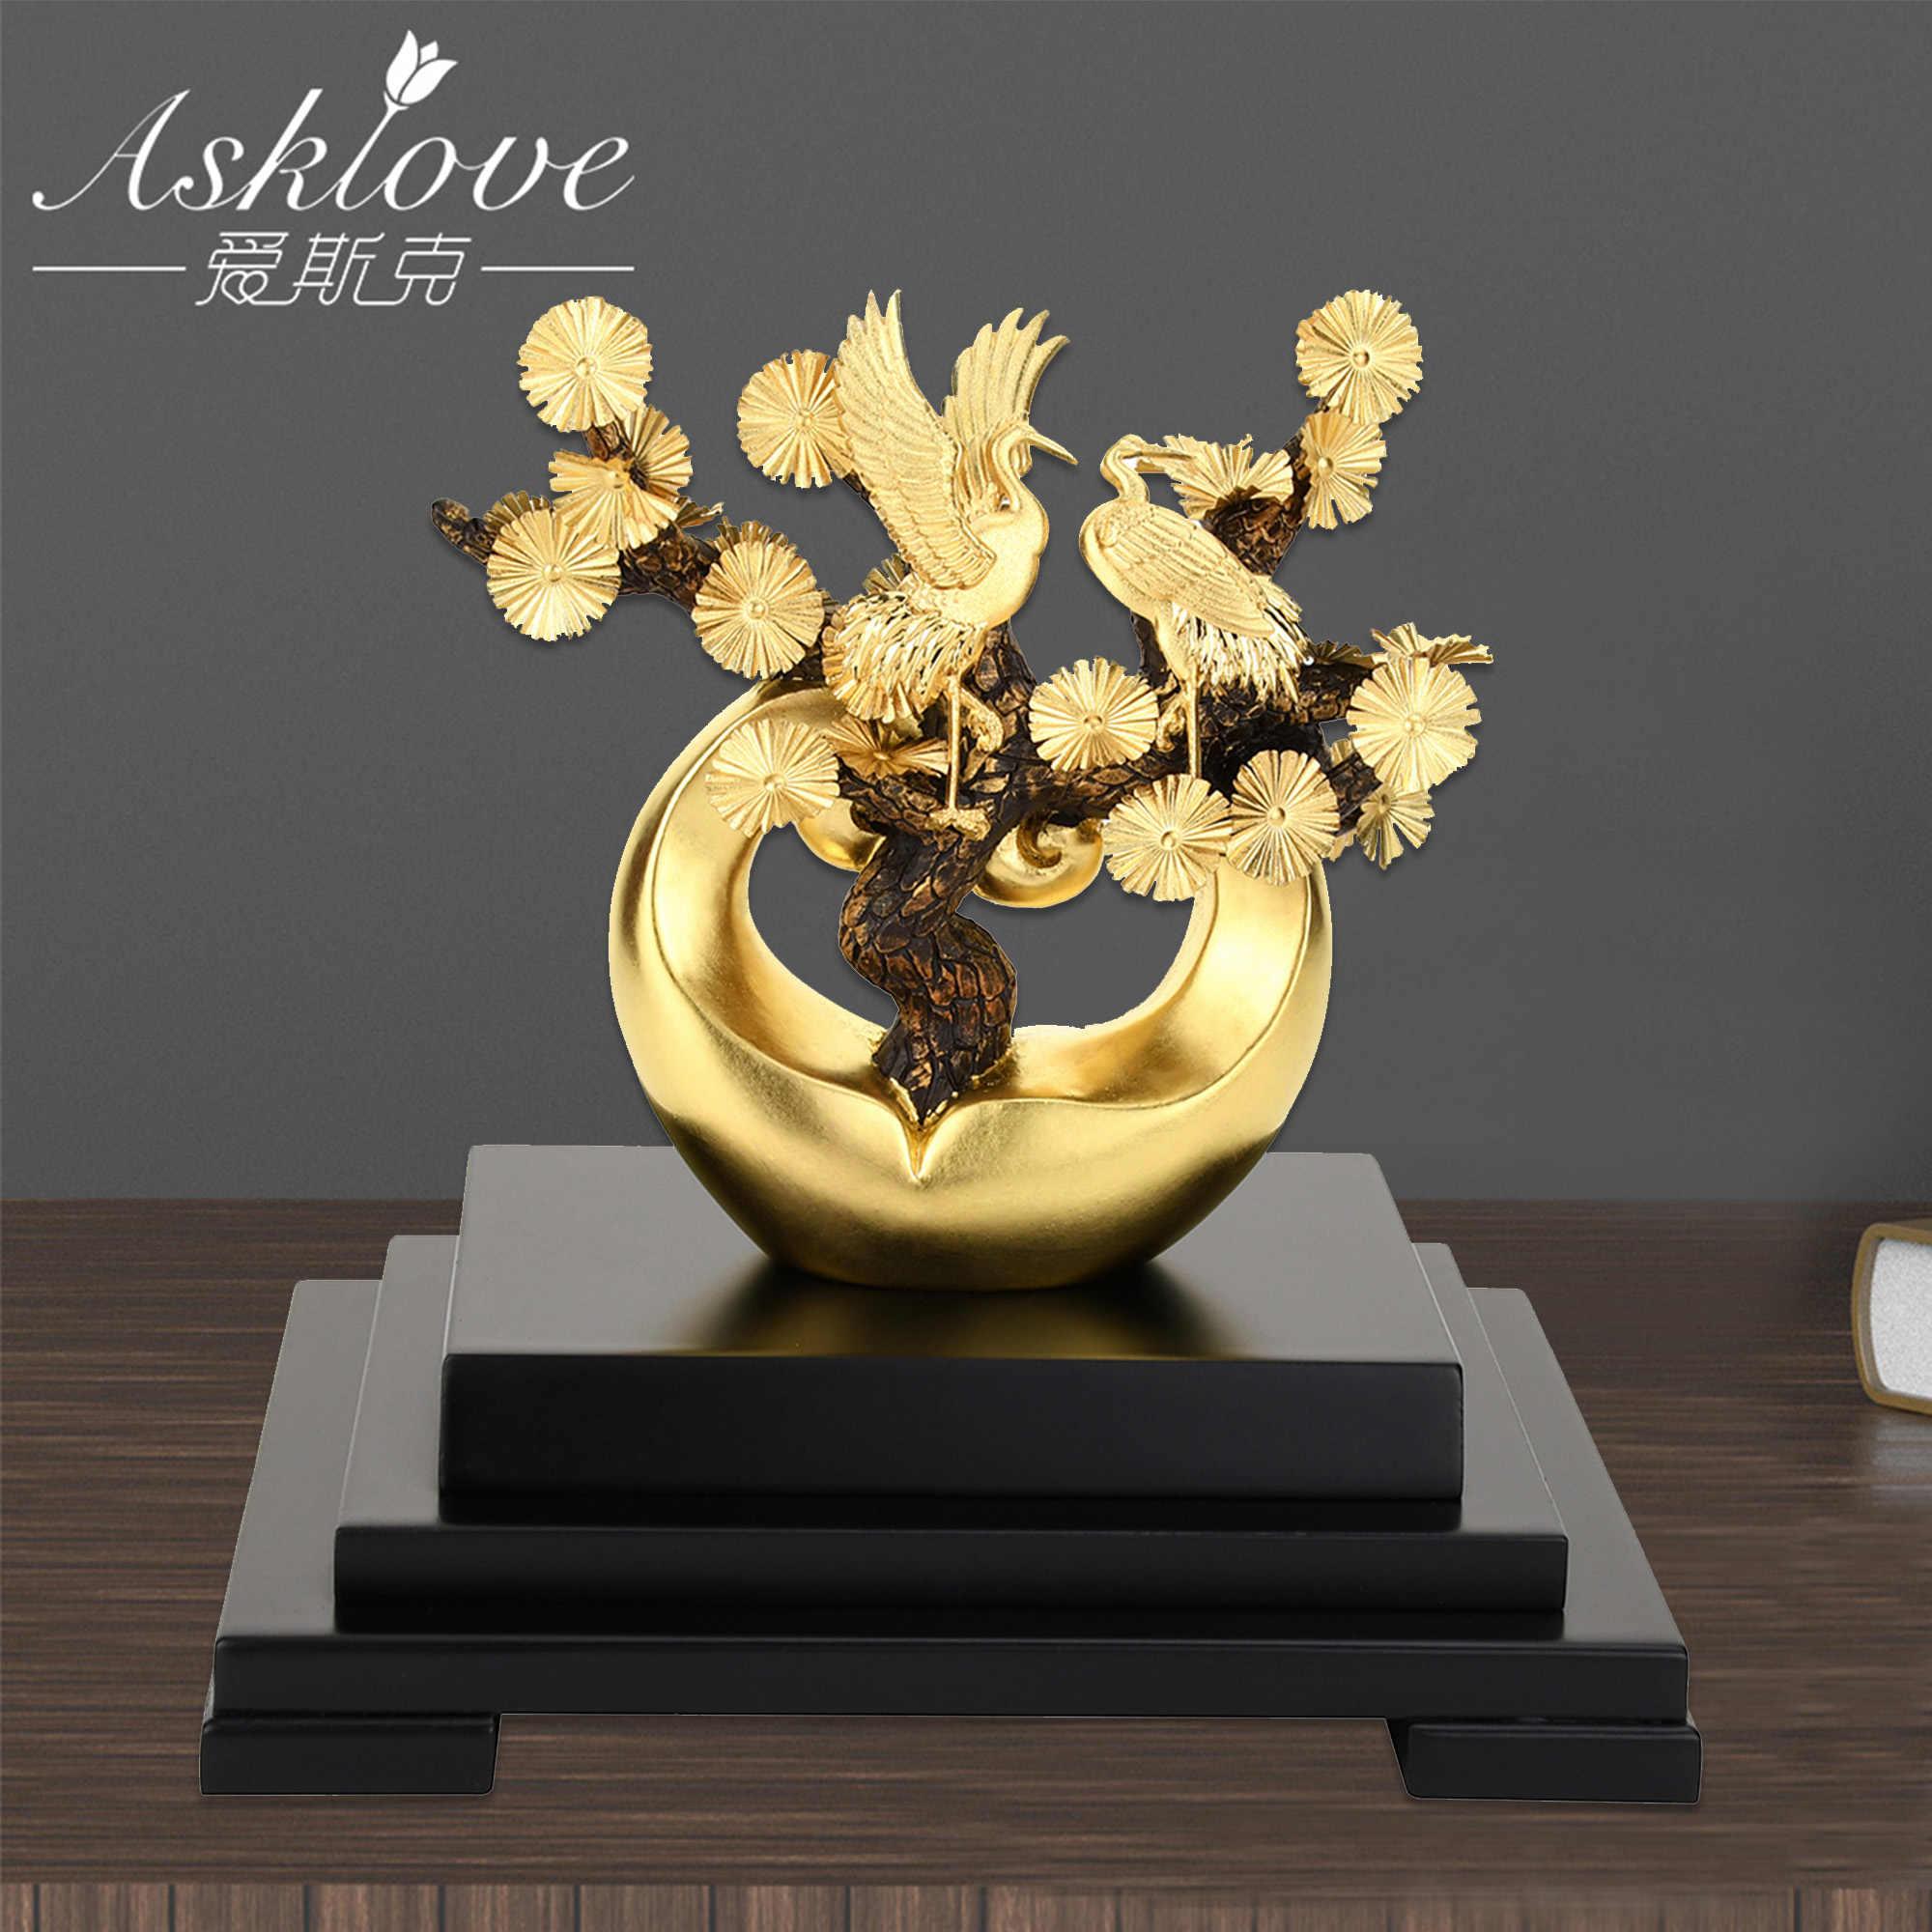 Oro albero di Pino Cinese Feng Shui Fortunato Statue di Lamina D'oro Scultura Rosso-gru coronata Figurine Artigianato Ornamenti Decorazione Della Casa